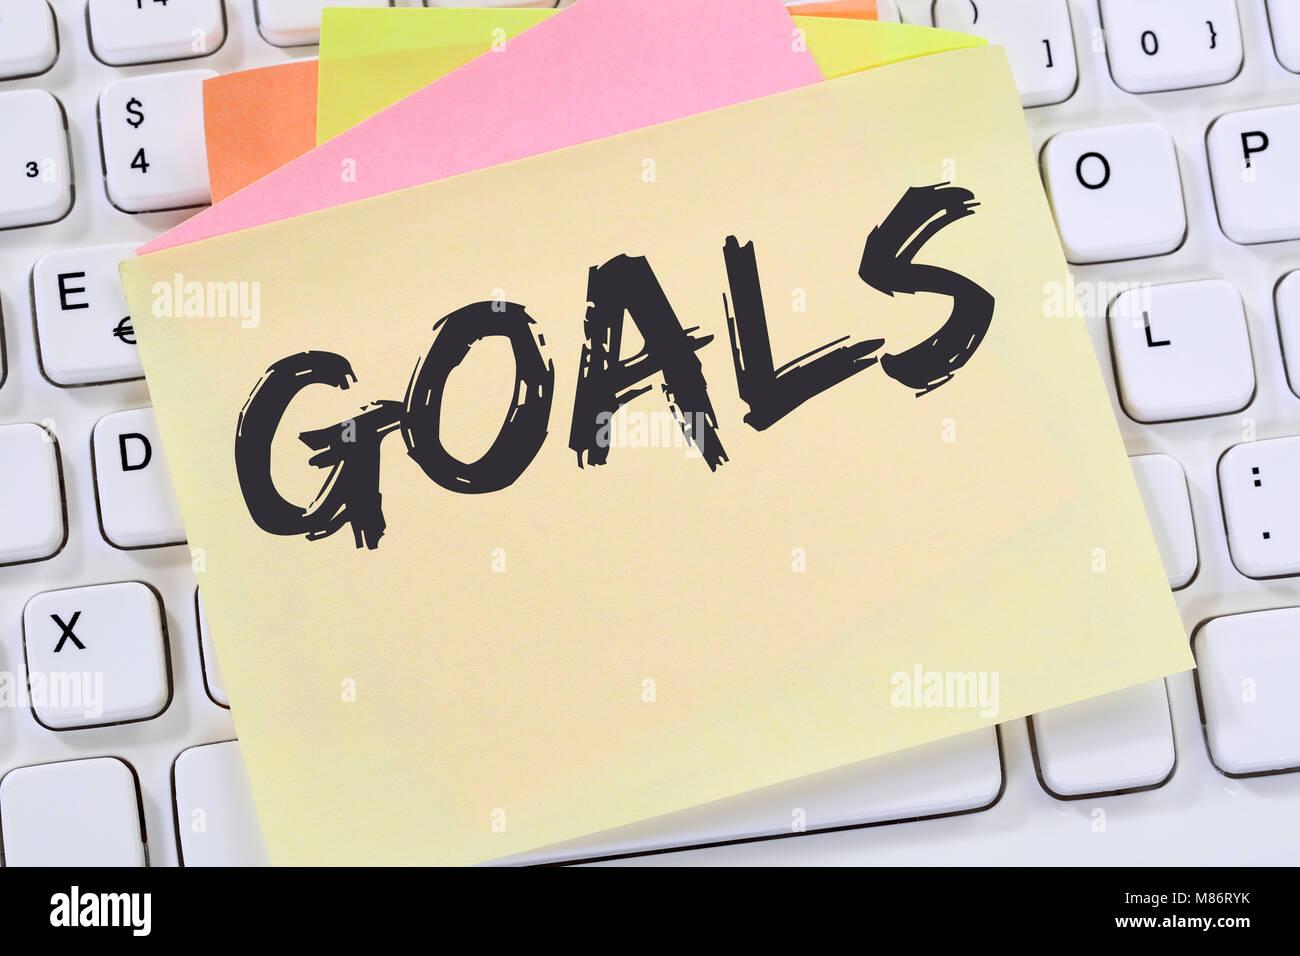 Objetivo metas a aspiraciones de éxito y crecimiento de negocios de papel nota conceptual teclado de ordenador Imagen De Stock